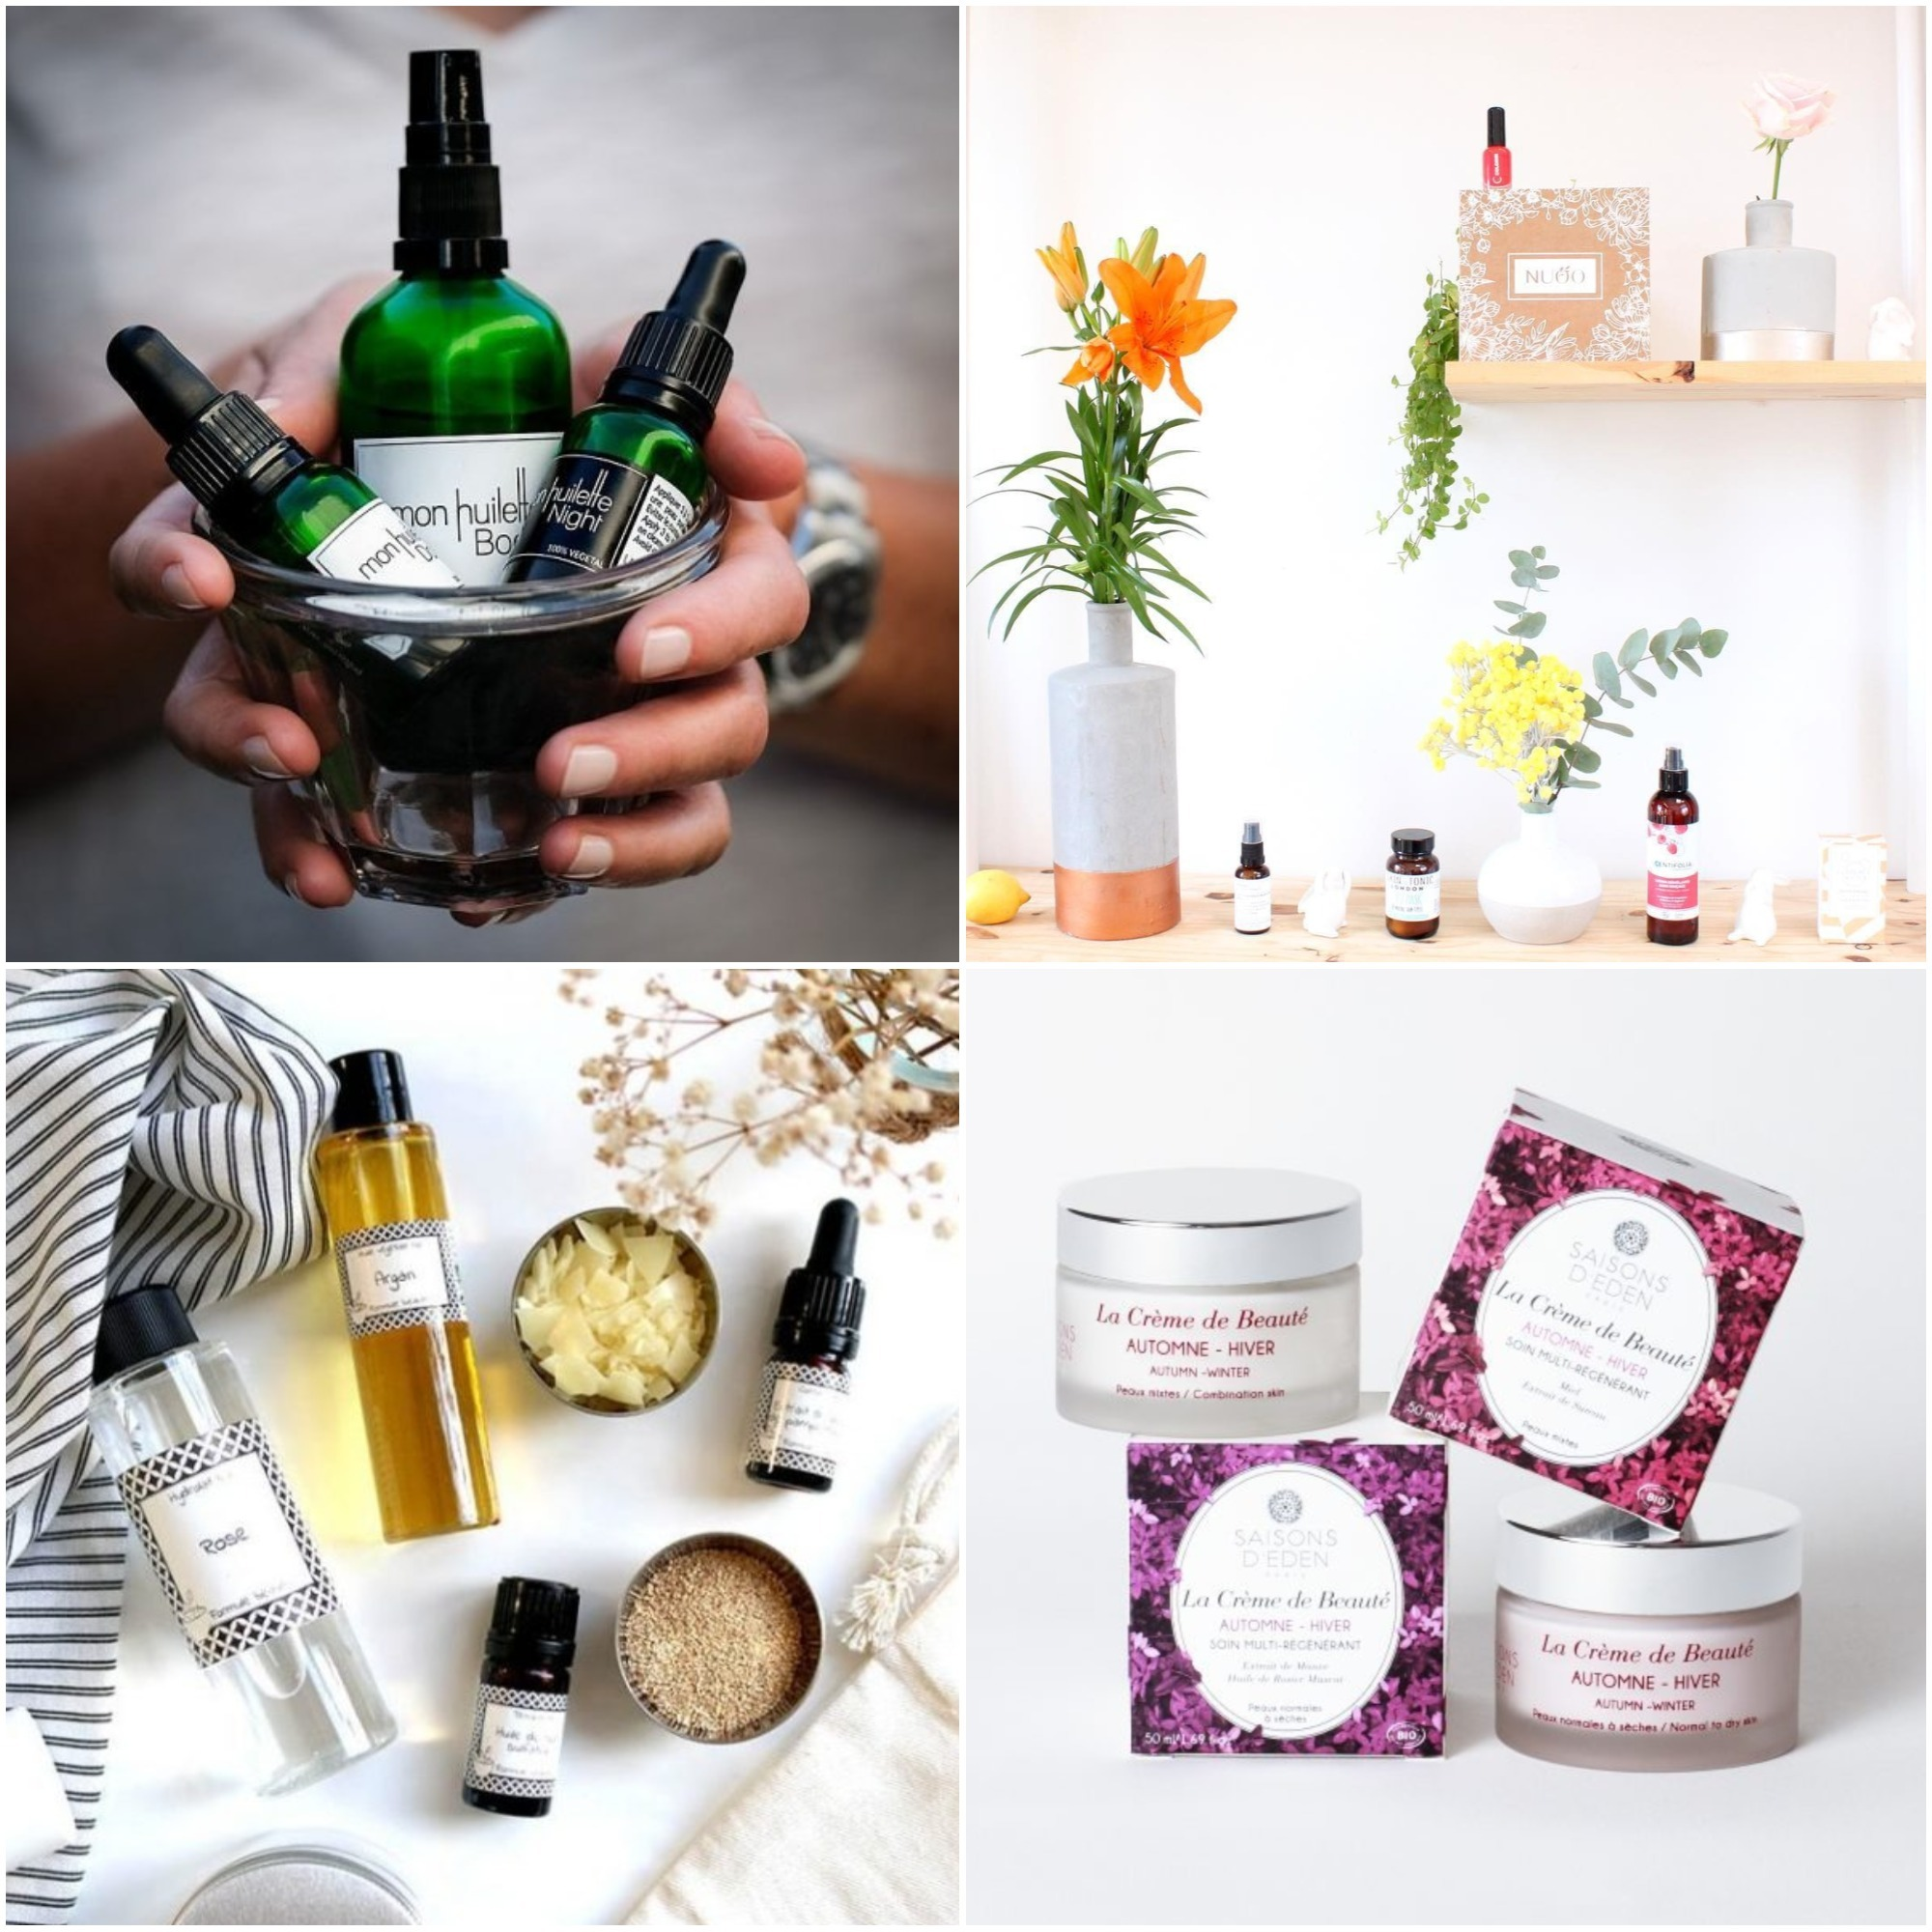 idées cadeaux produits de beauté femme - blog Camille In Bordeaux